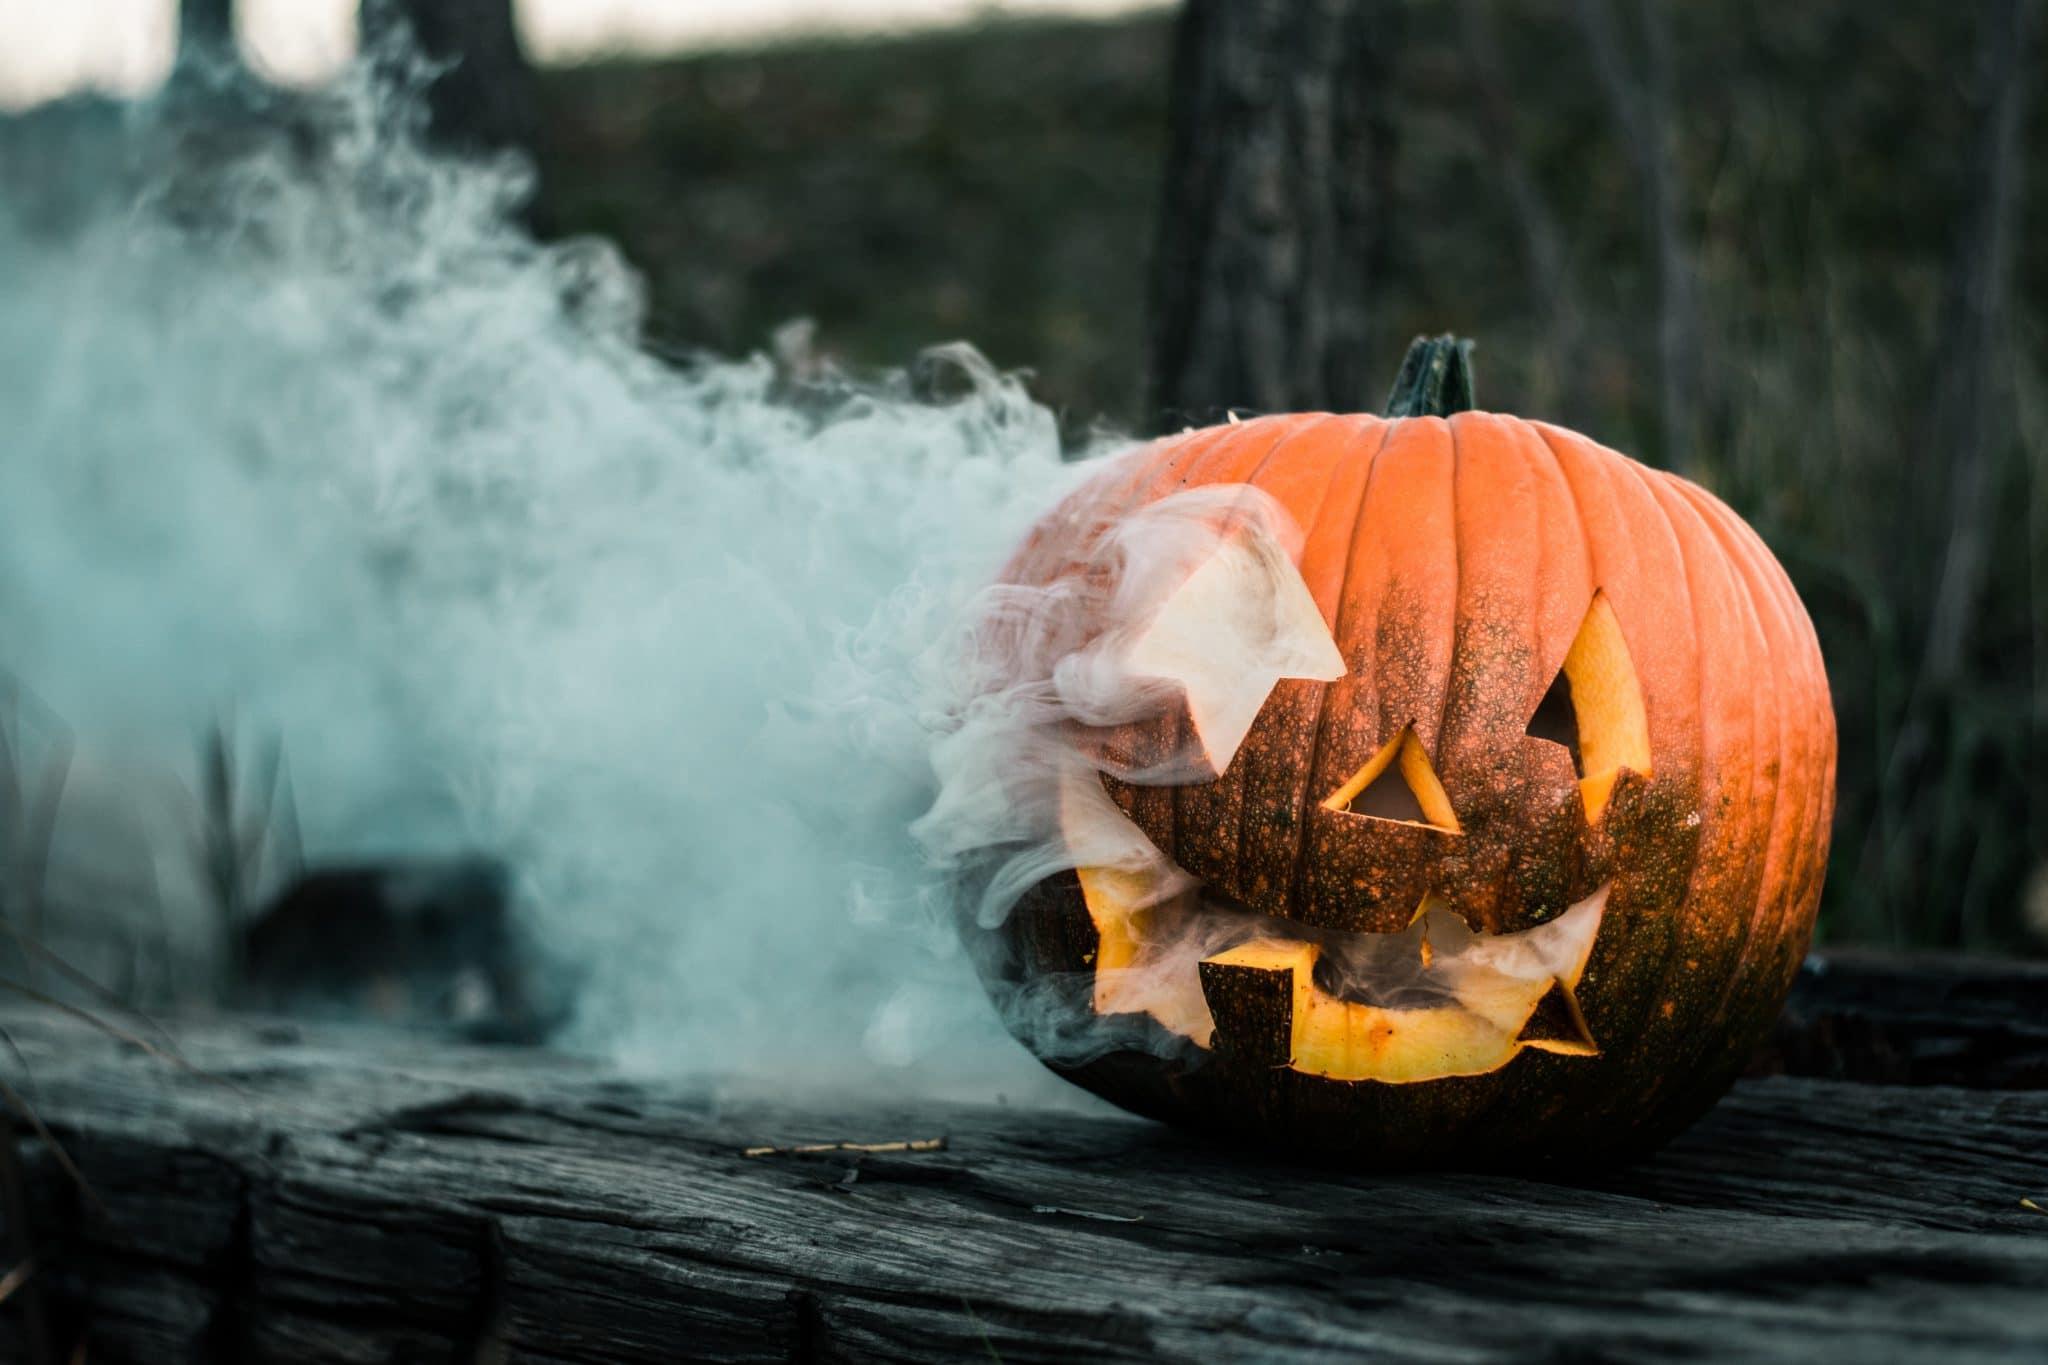 citrouille d'halloween avec fumée